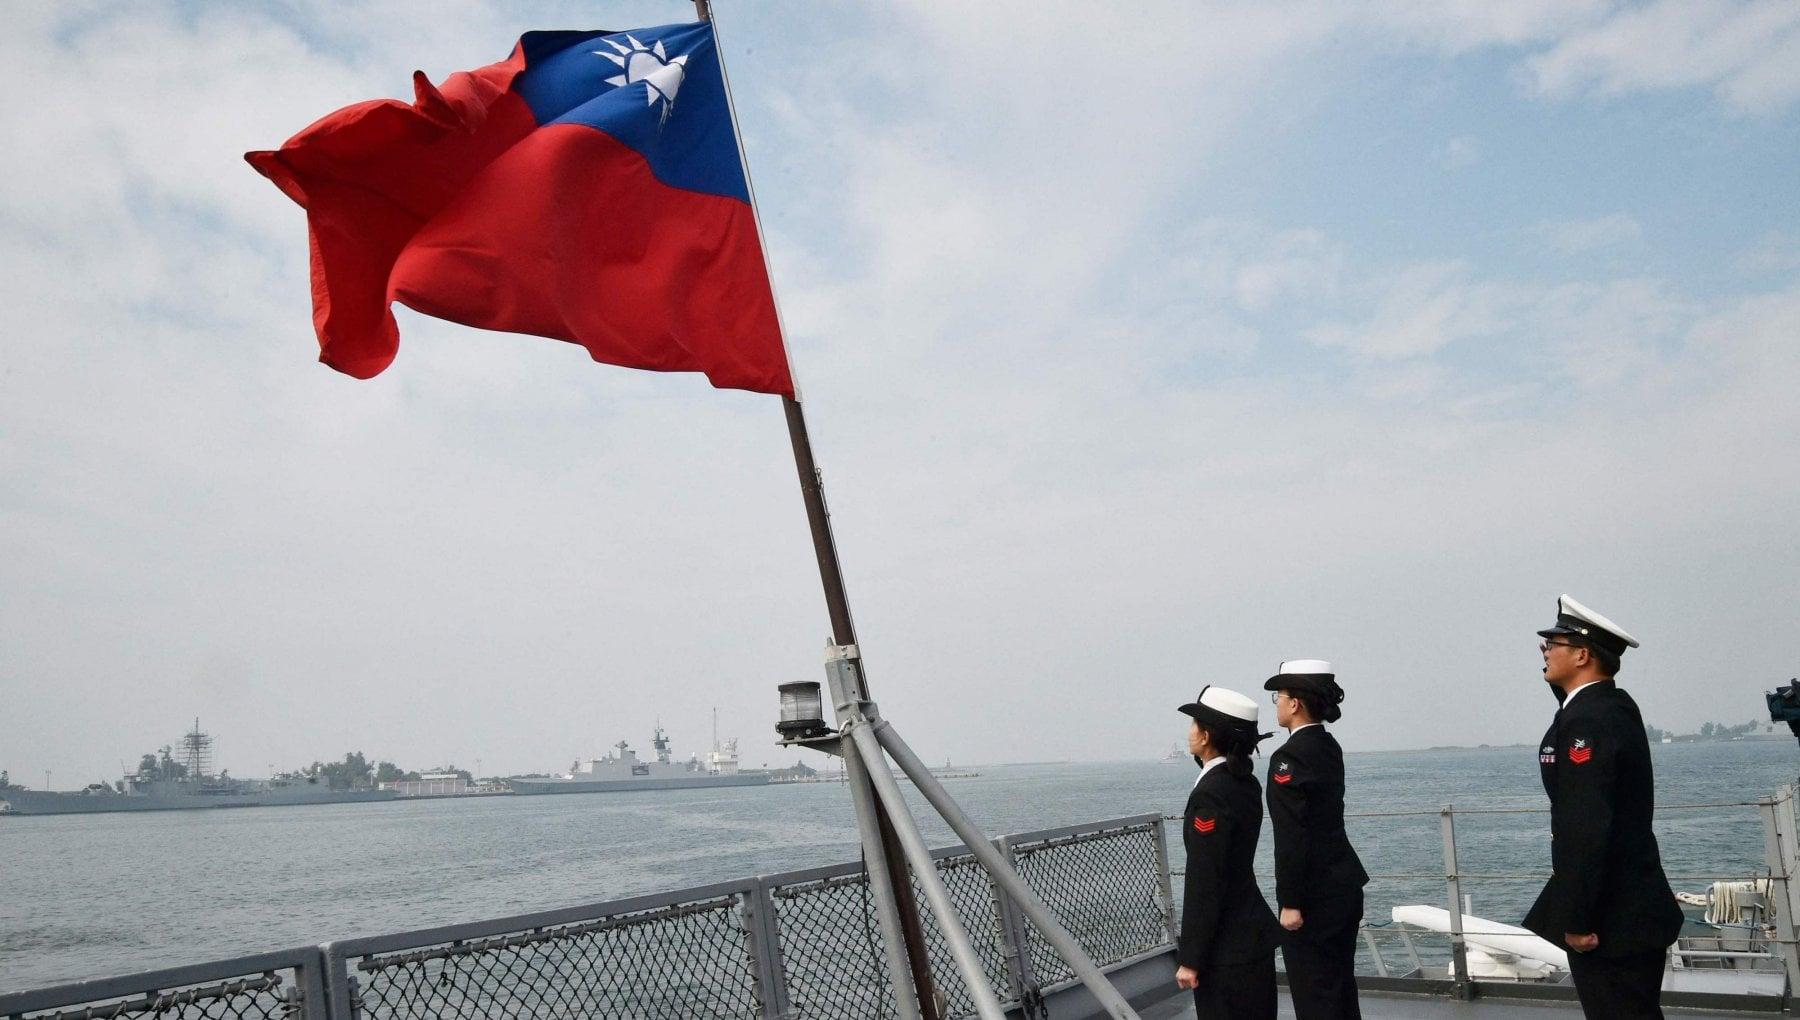 091946308 eb40ad6e afac 4417 9881 f26e79ee775d - L'Ammiraglio Usa nel Pacifico: Taiwan rischia un'invasione cinese entro 6 anni